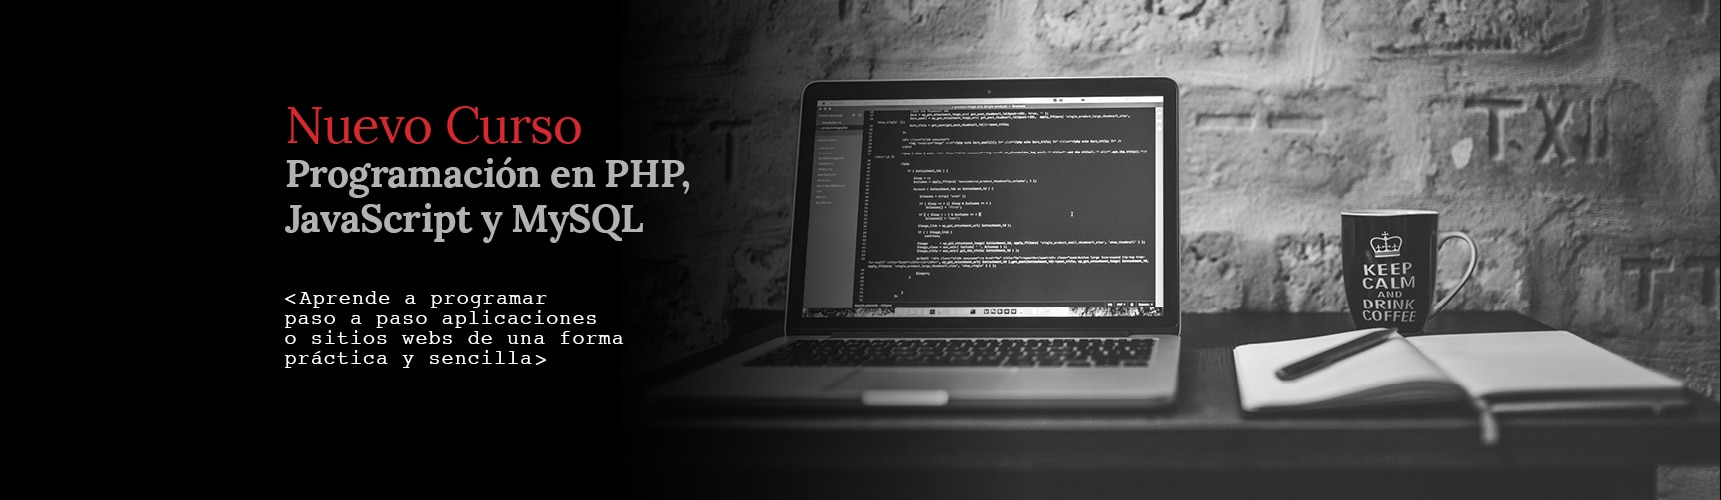 Curso de Programación en PHP, Javascript y MySQL